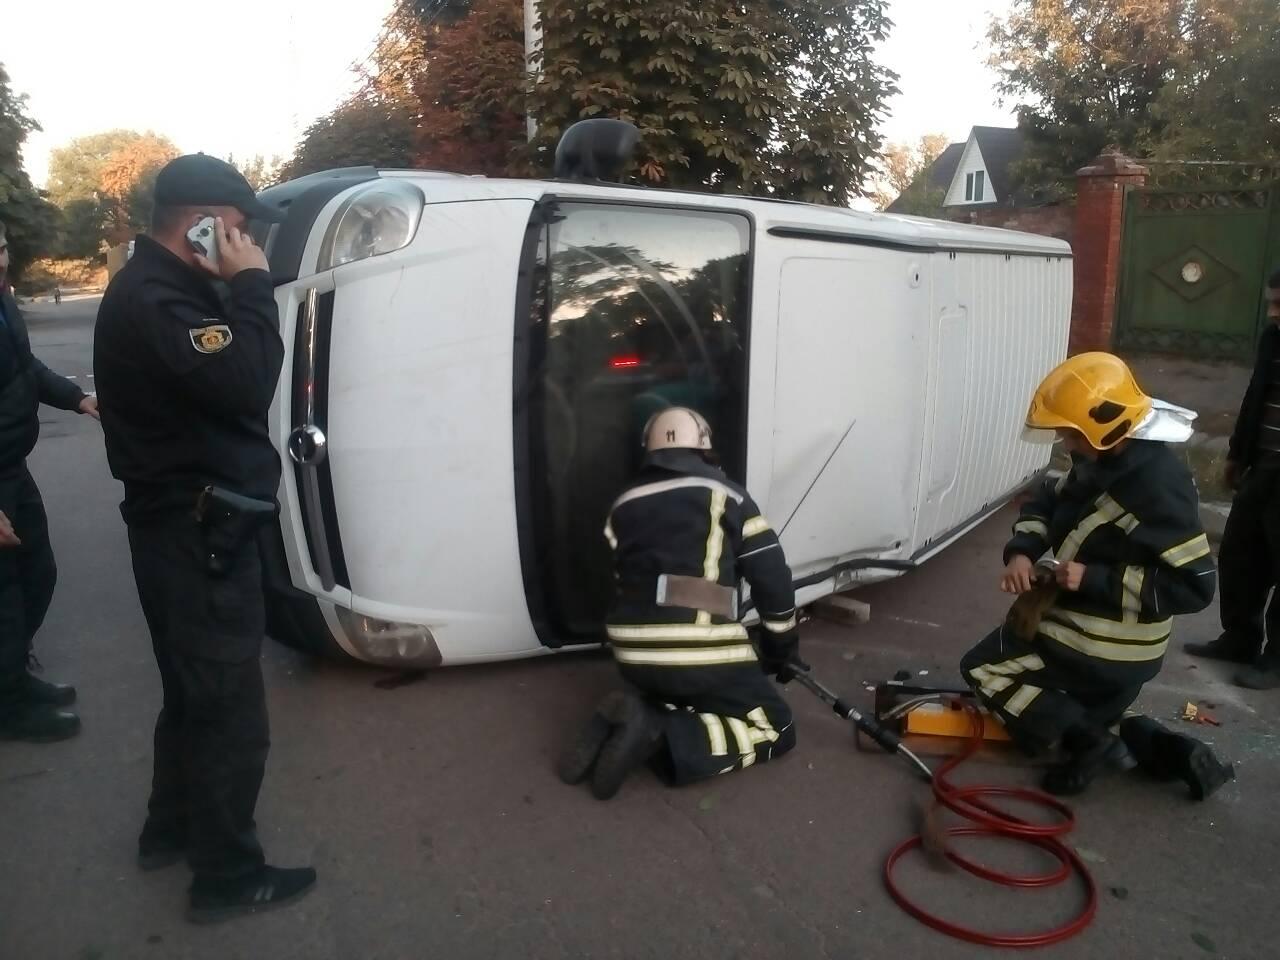 Без Купюр Водій і пасажир виявилися заблокованими в мікроавтобусі, що перекинувся в Олександрії. ФОТО За кермом  ДТП Opel Mercedes Benz